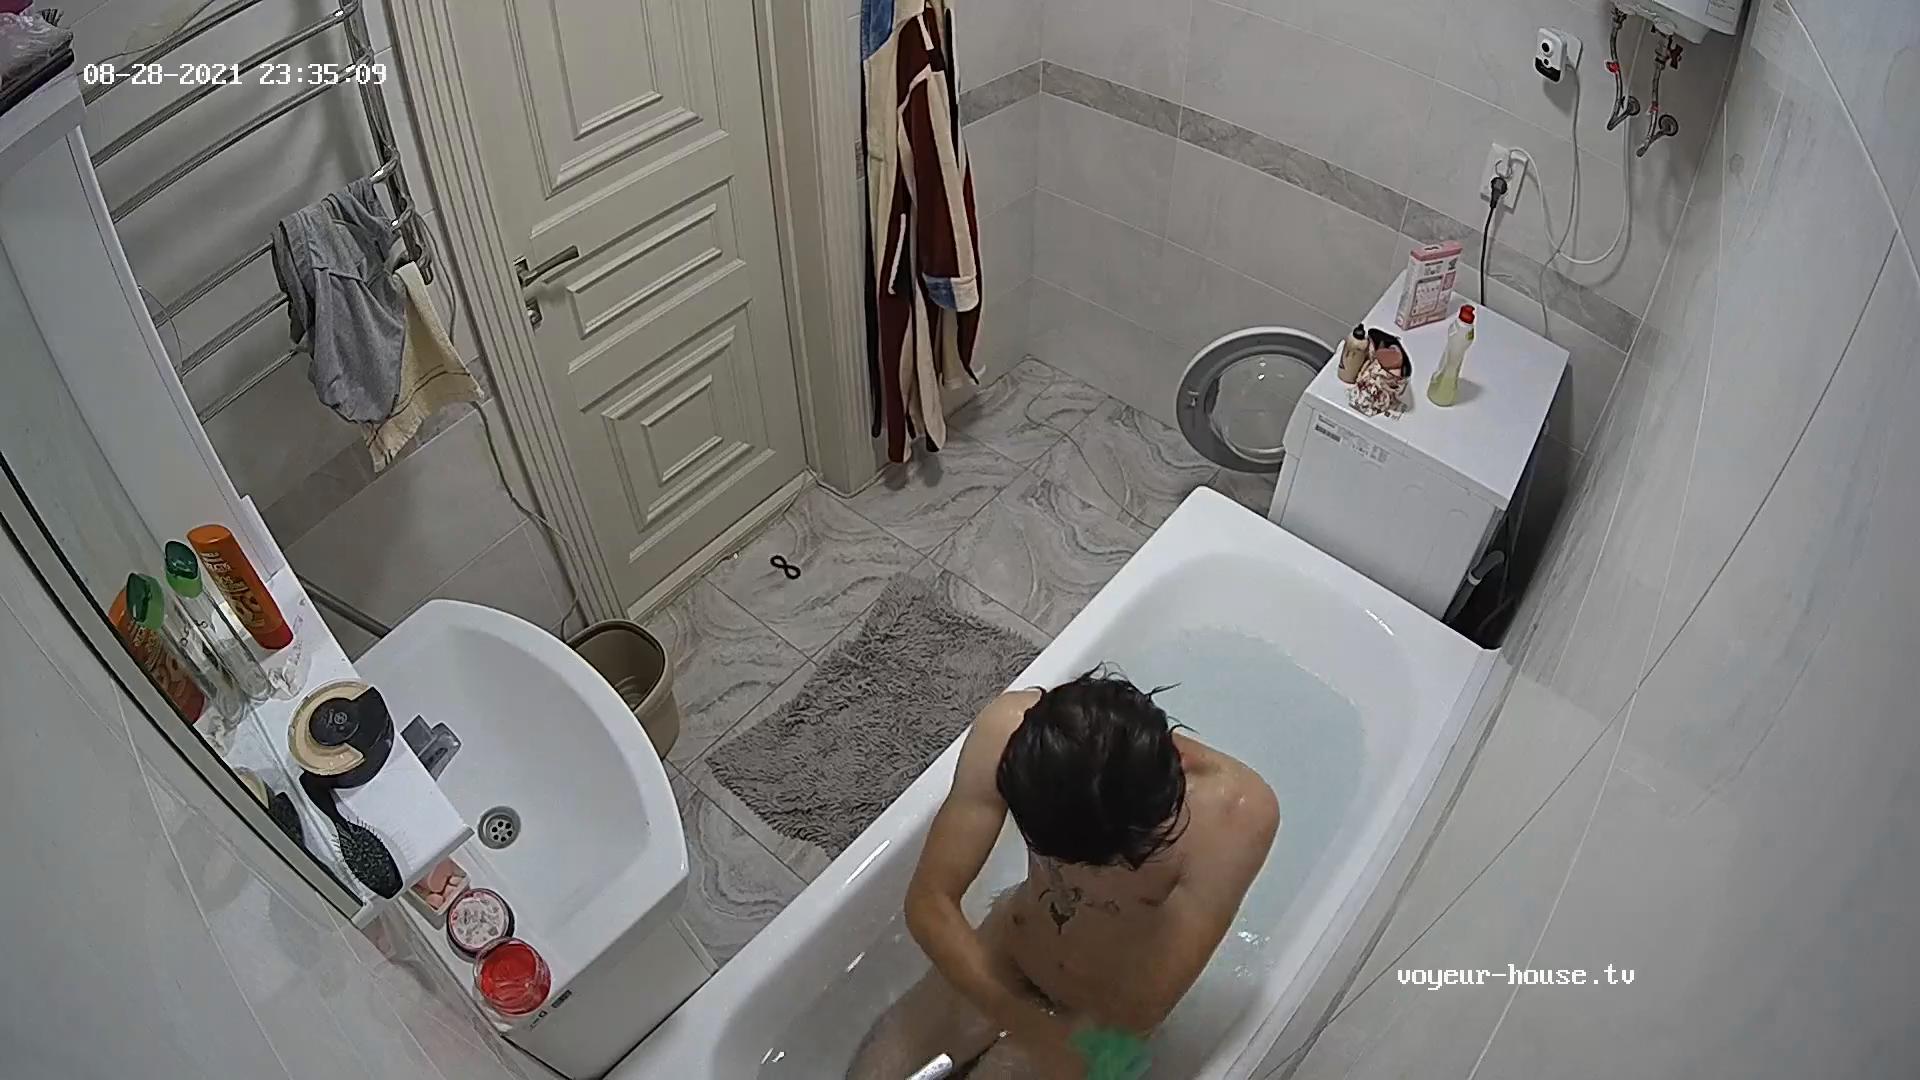 Bango evening bath 28 Aug 2021 cam 2